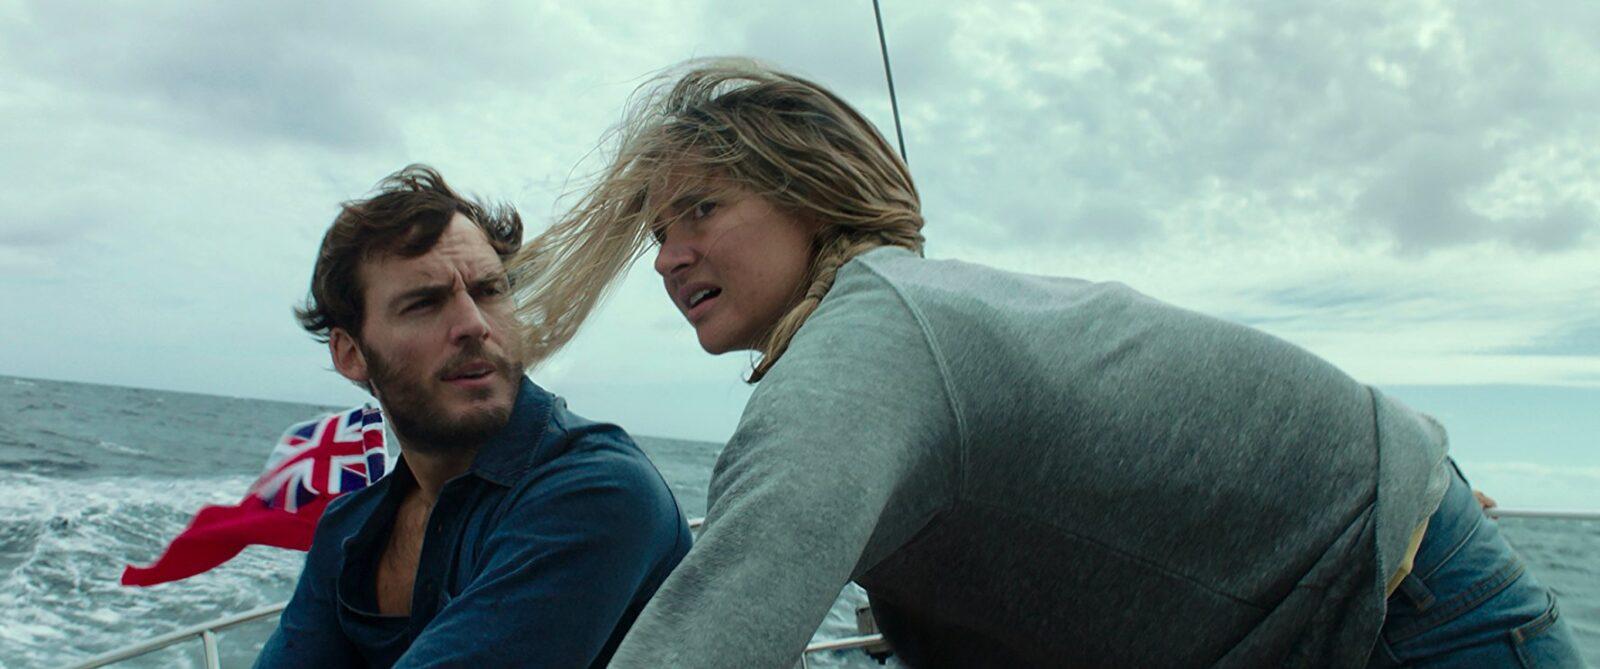 """Pagal tikrą istoriją sukurtas filmas """"Kol dar neatėjo audra"""": ekstremaliomis sąlygomis galime daug ką suvokti"""